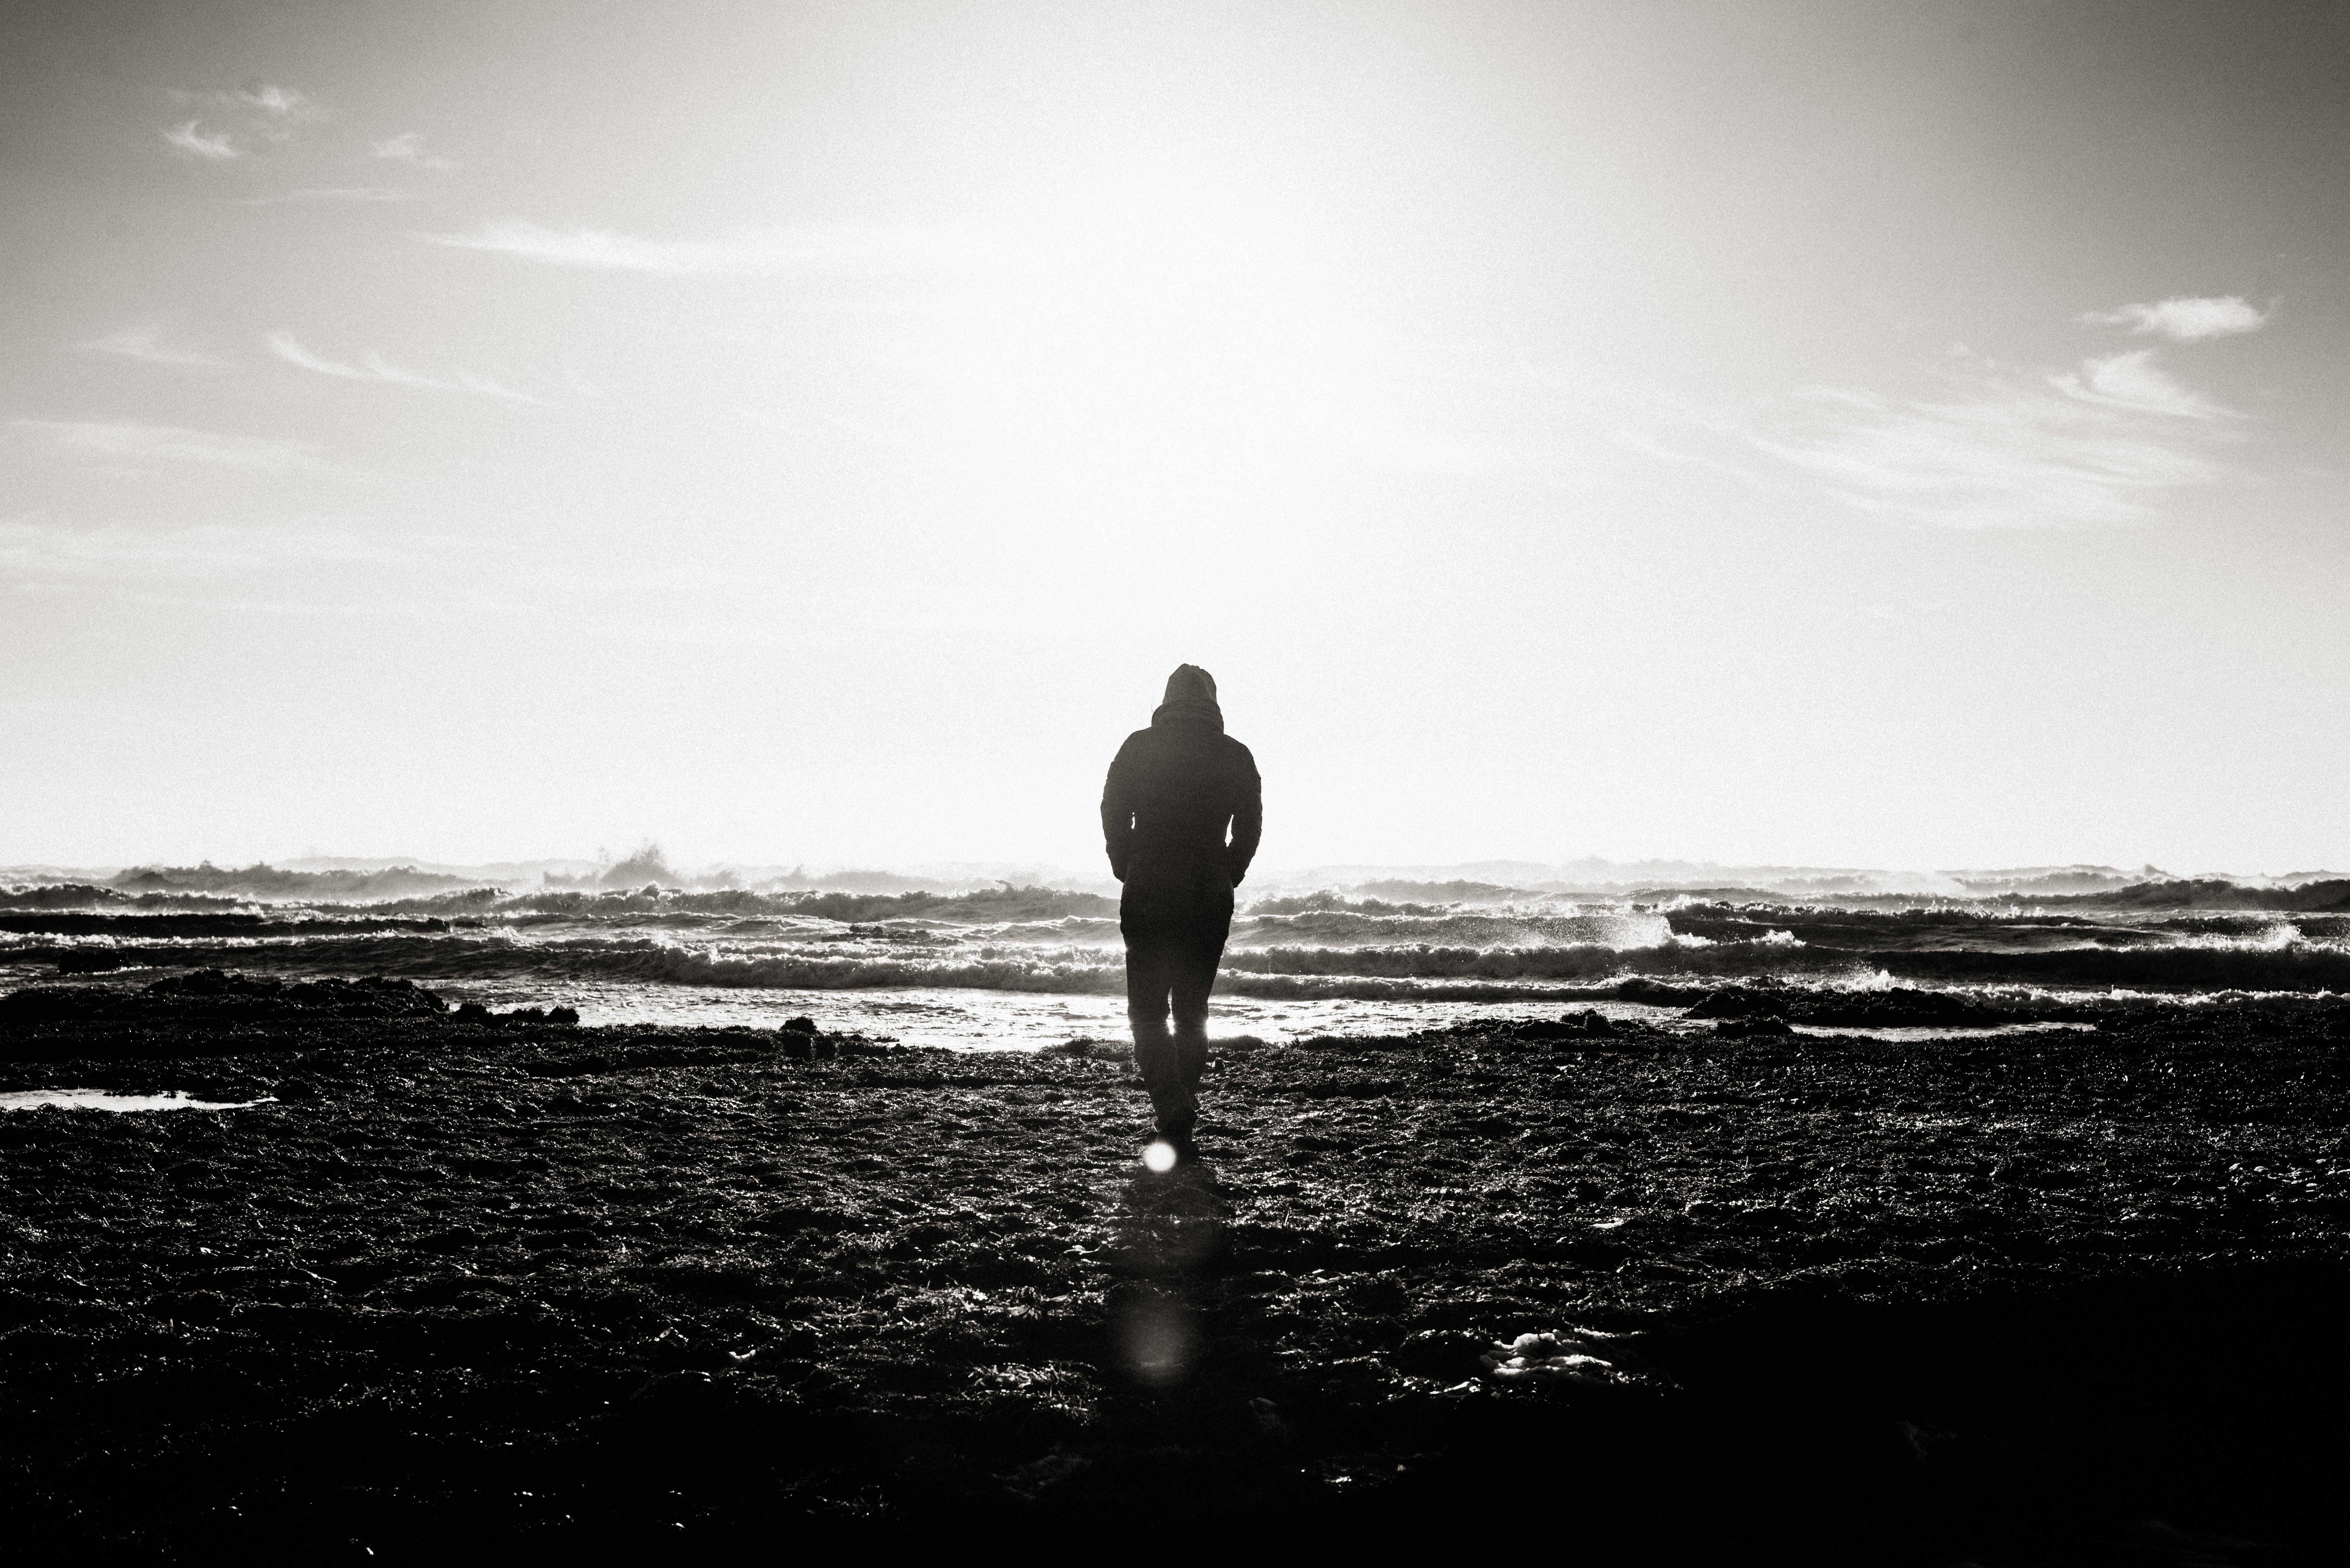 картинка одинокий парень в капюшоне очень